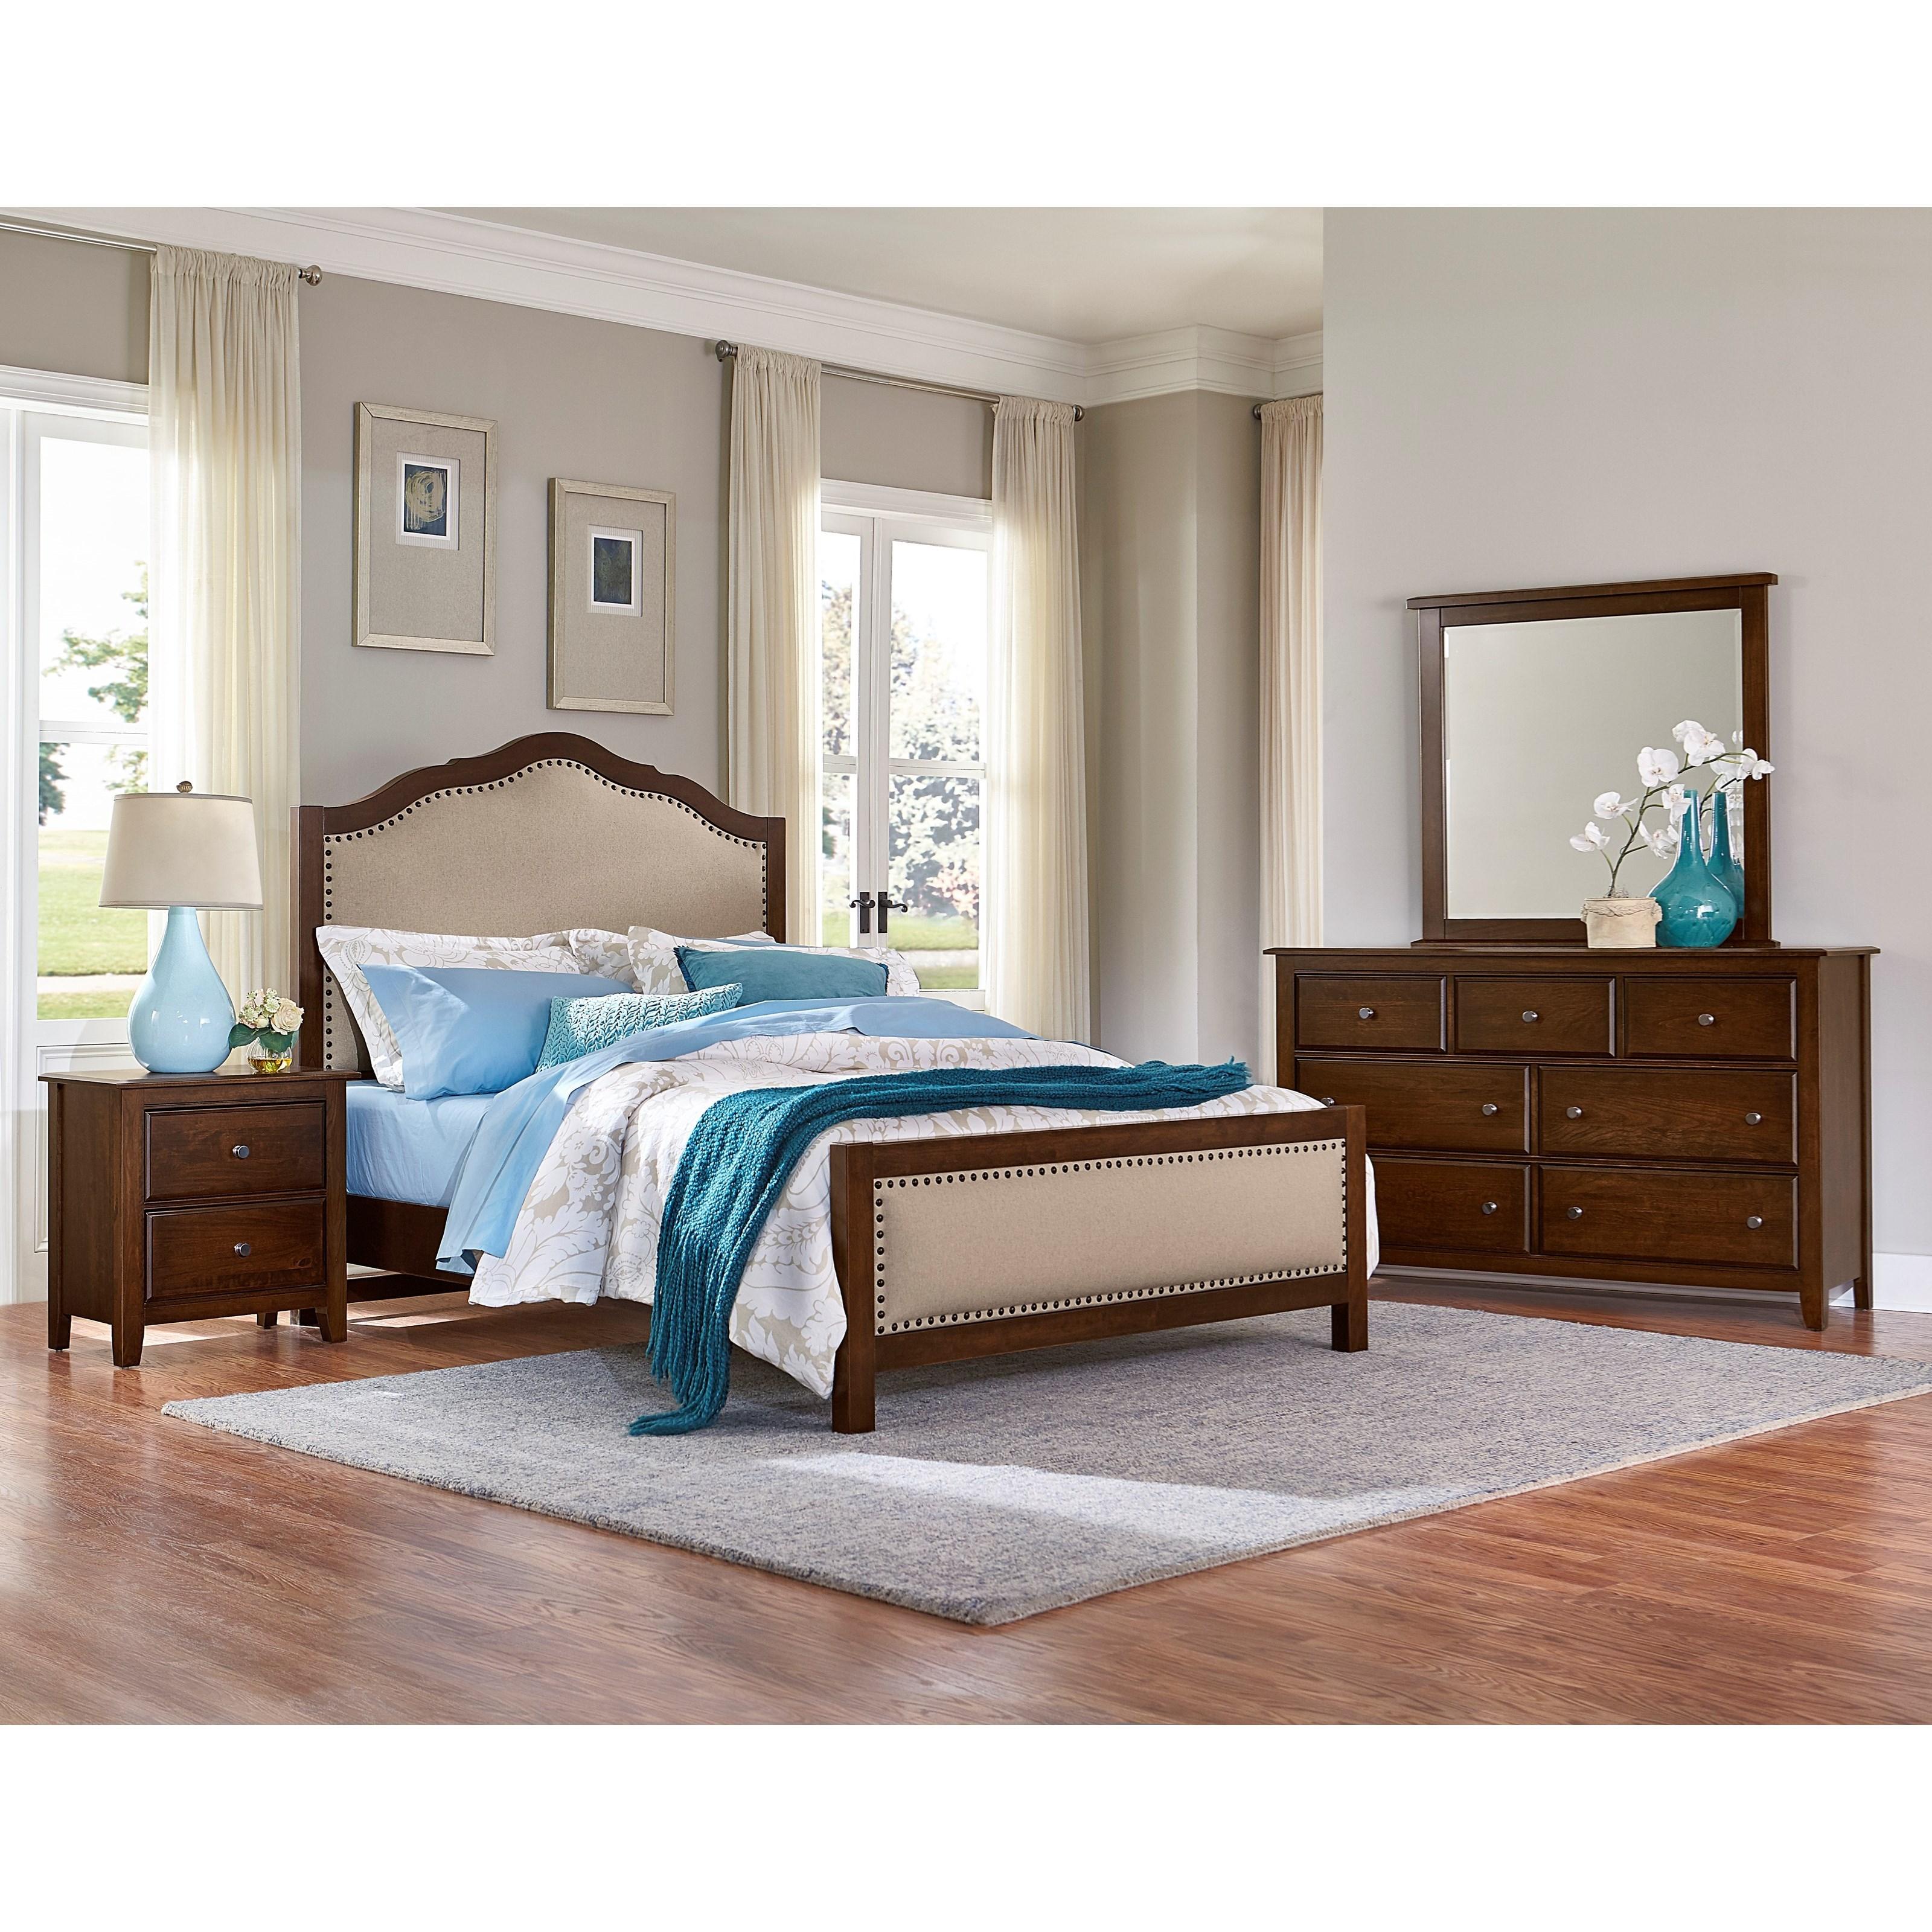 Artisan post artisan choices king bedroom group john v for Bedroom groups